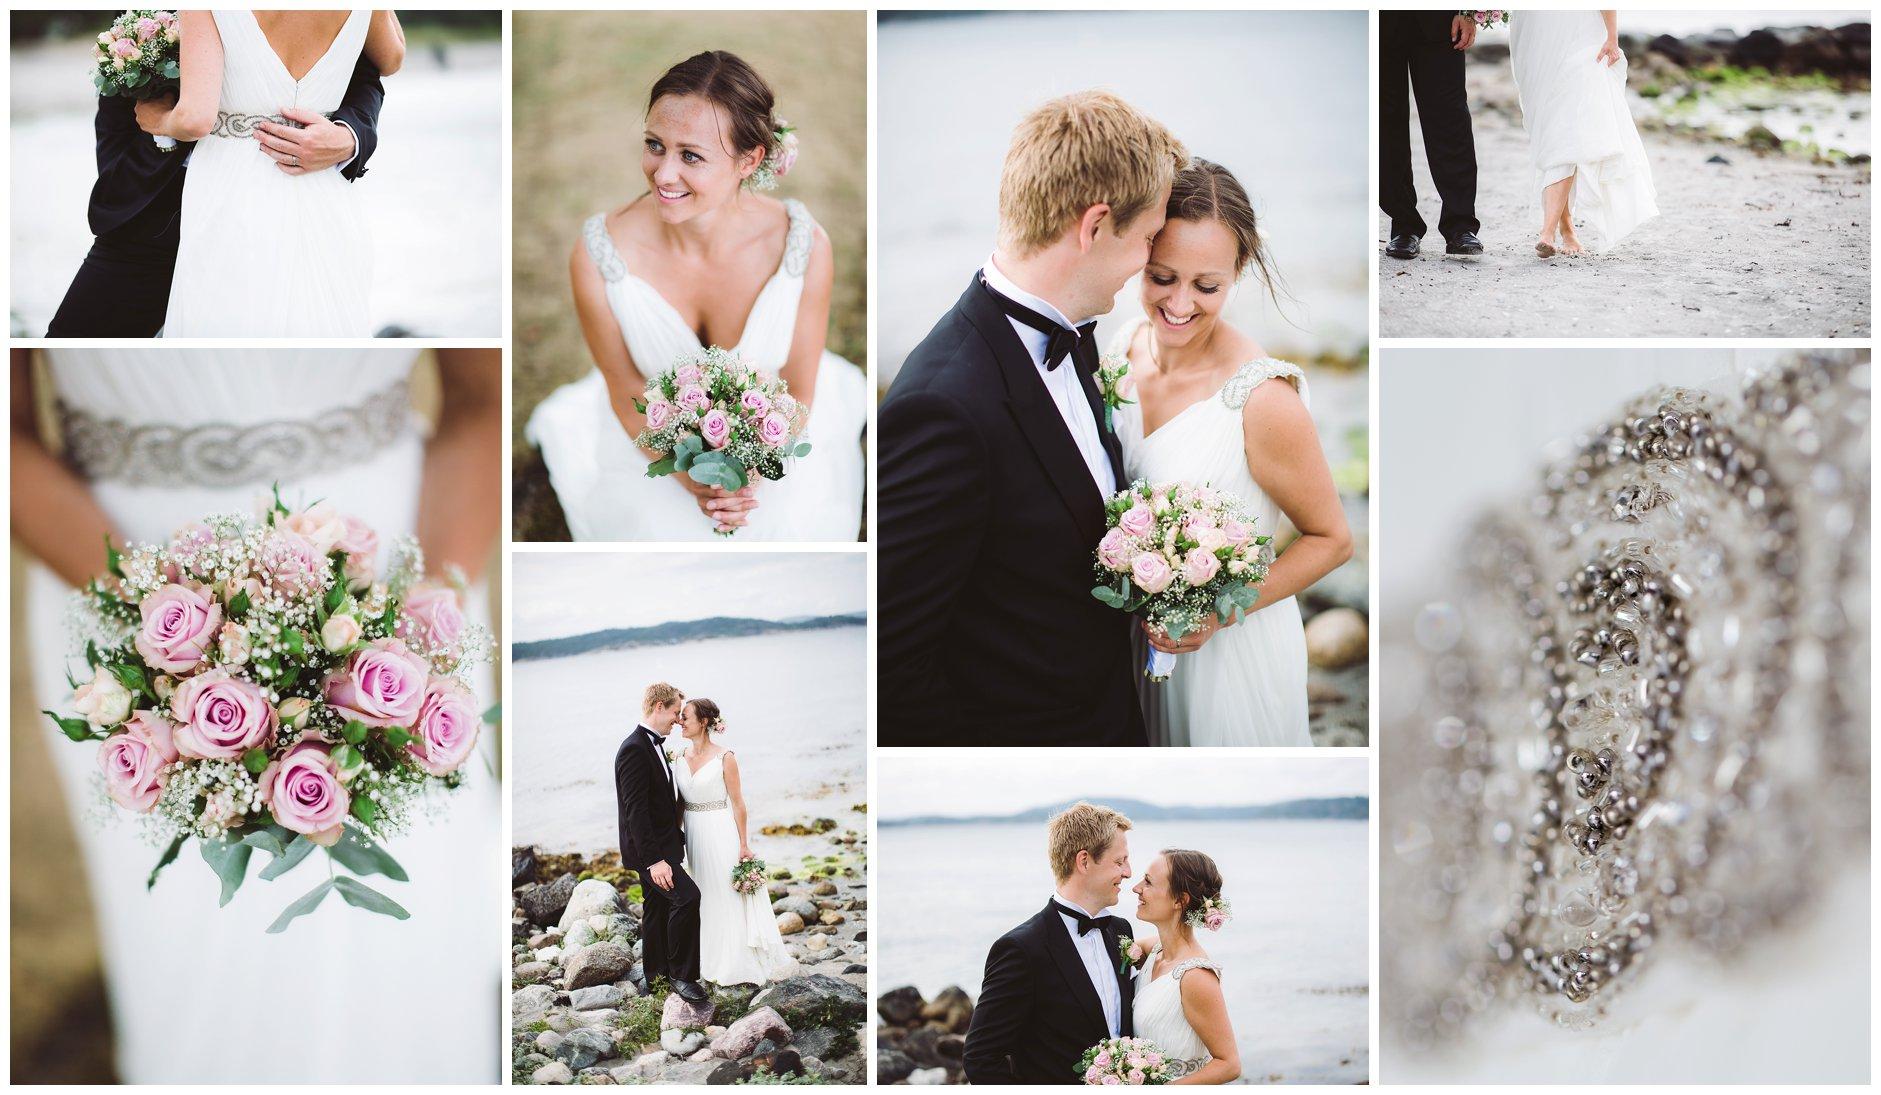 Bryllupsbilder på Jomfruland Kragerø